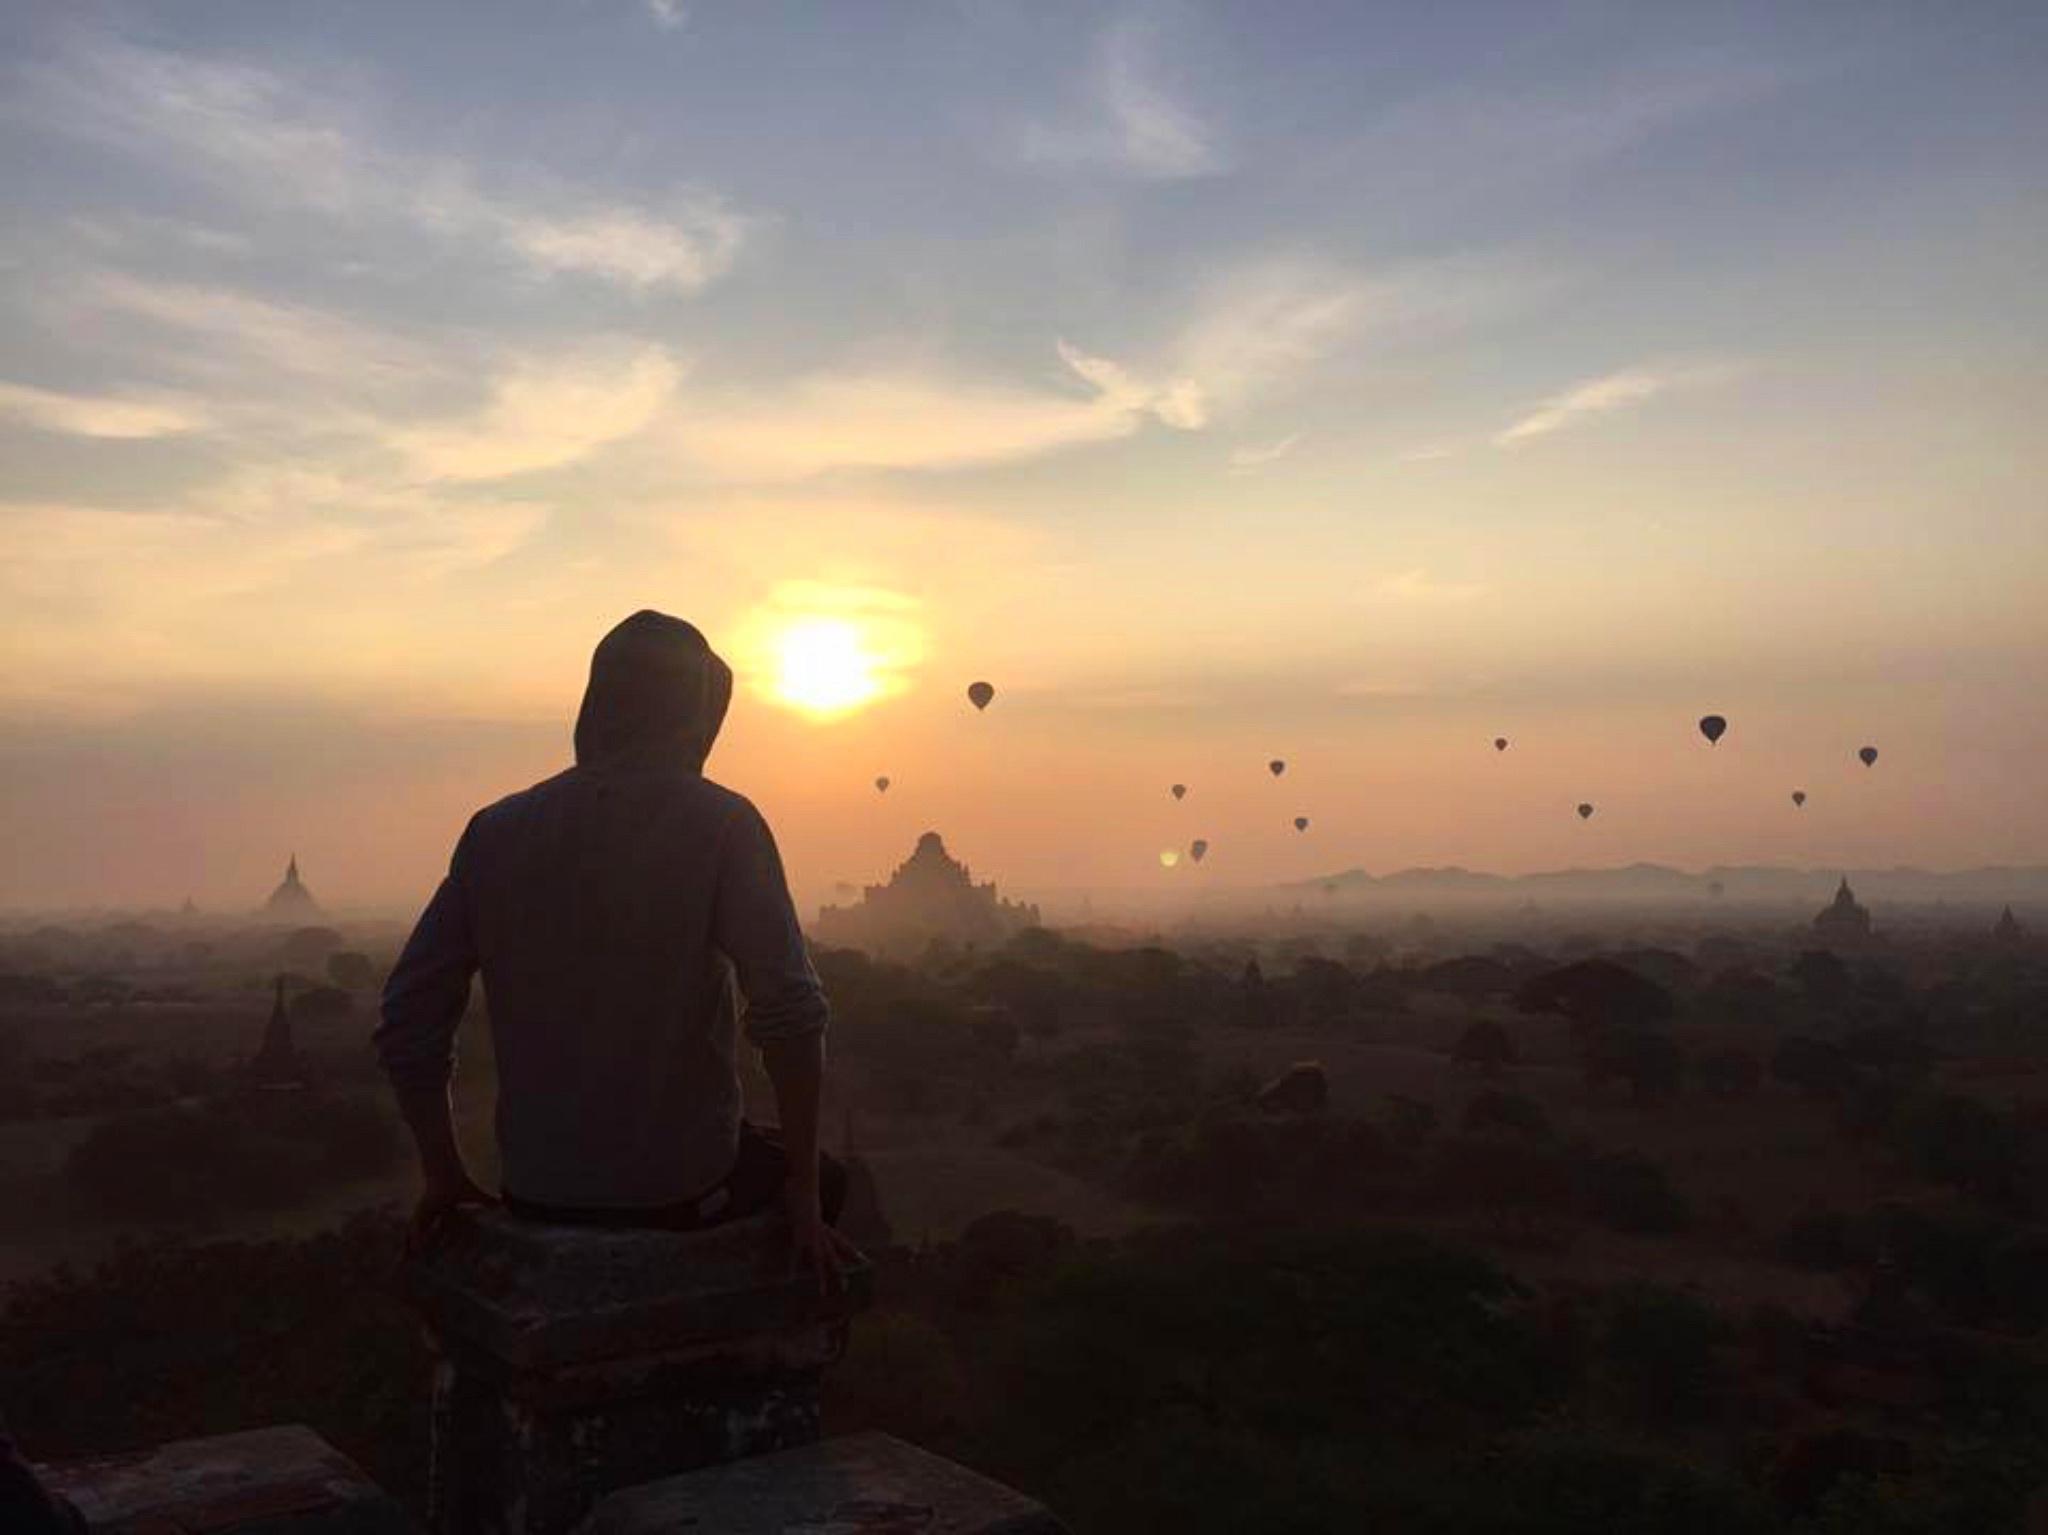 Maximilian im Februar 2016 in Bagan (Myanmar), einer historischen Königstadt mit knapp 2.500 erhaltenen Tempeln auf 36 Quadratkilometern. Foto: Marian Knecht